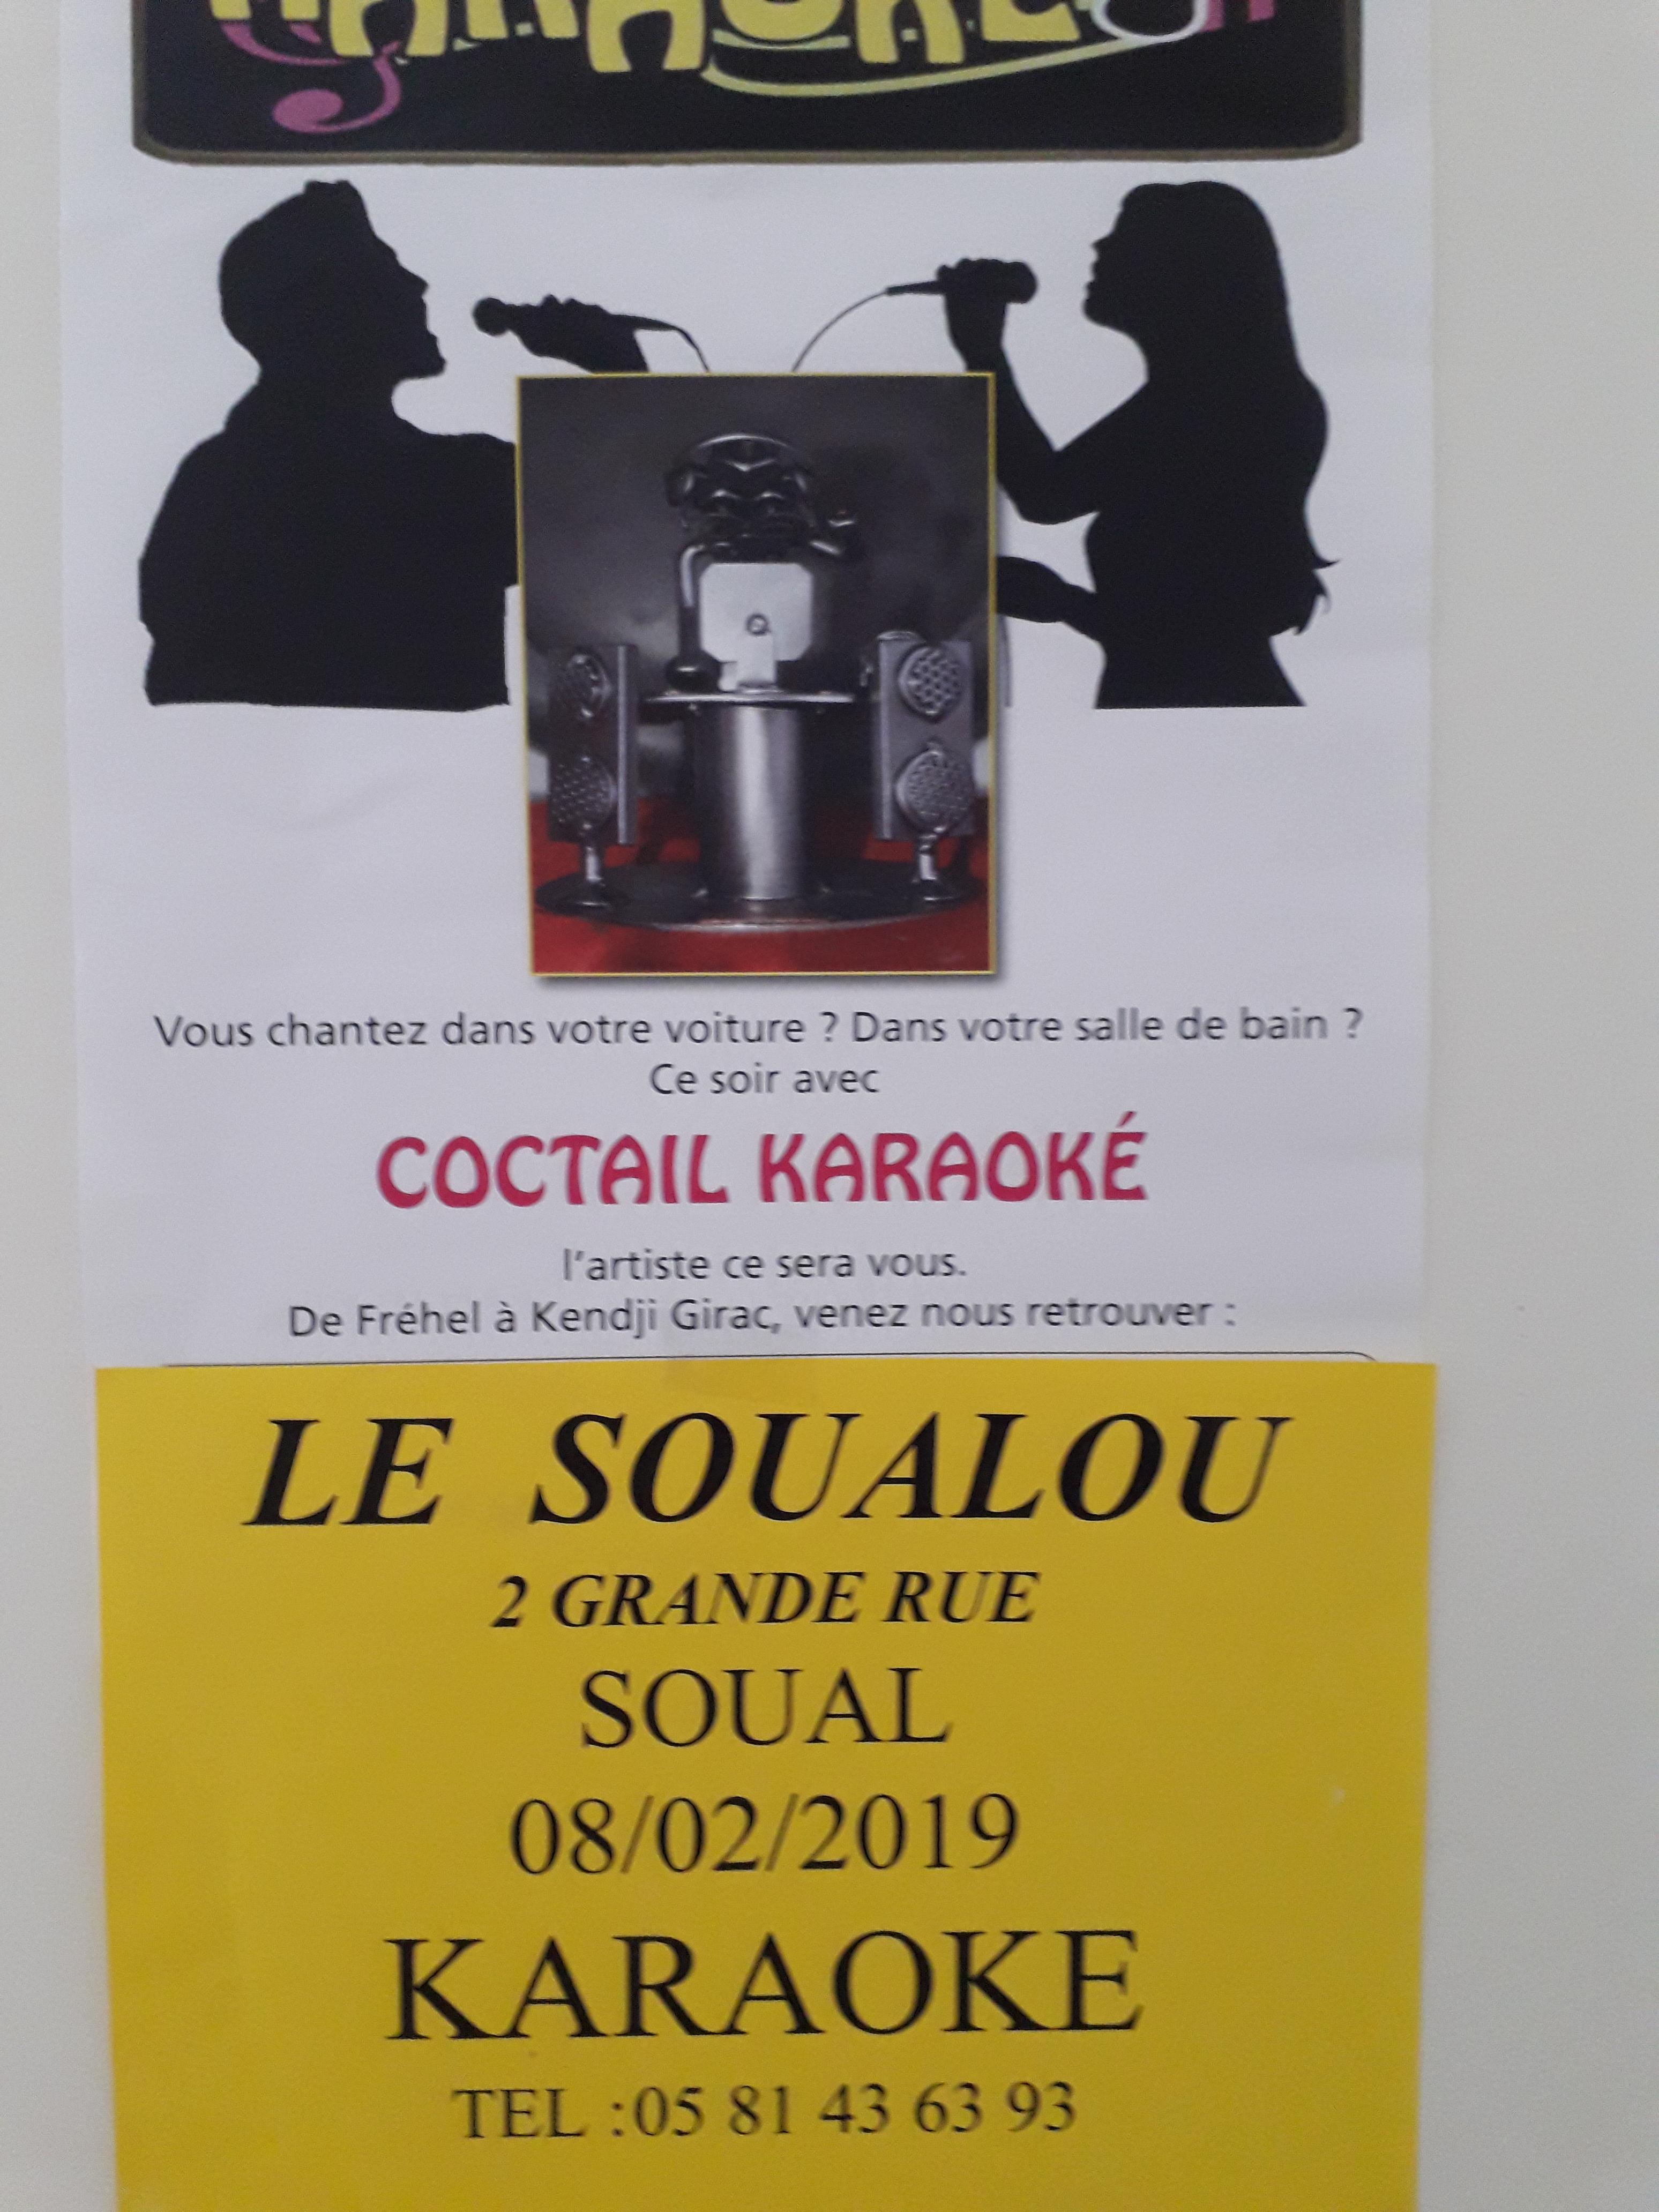 Concert au Soualou le 8 février